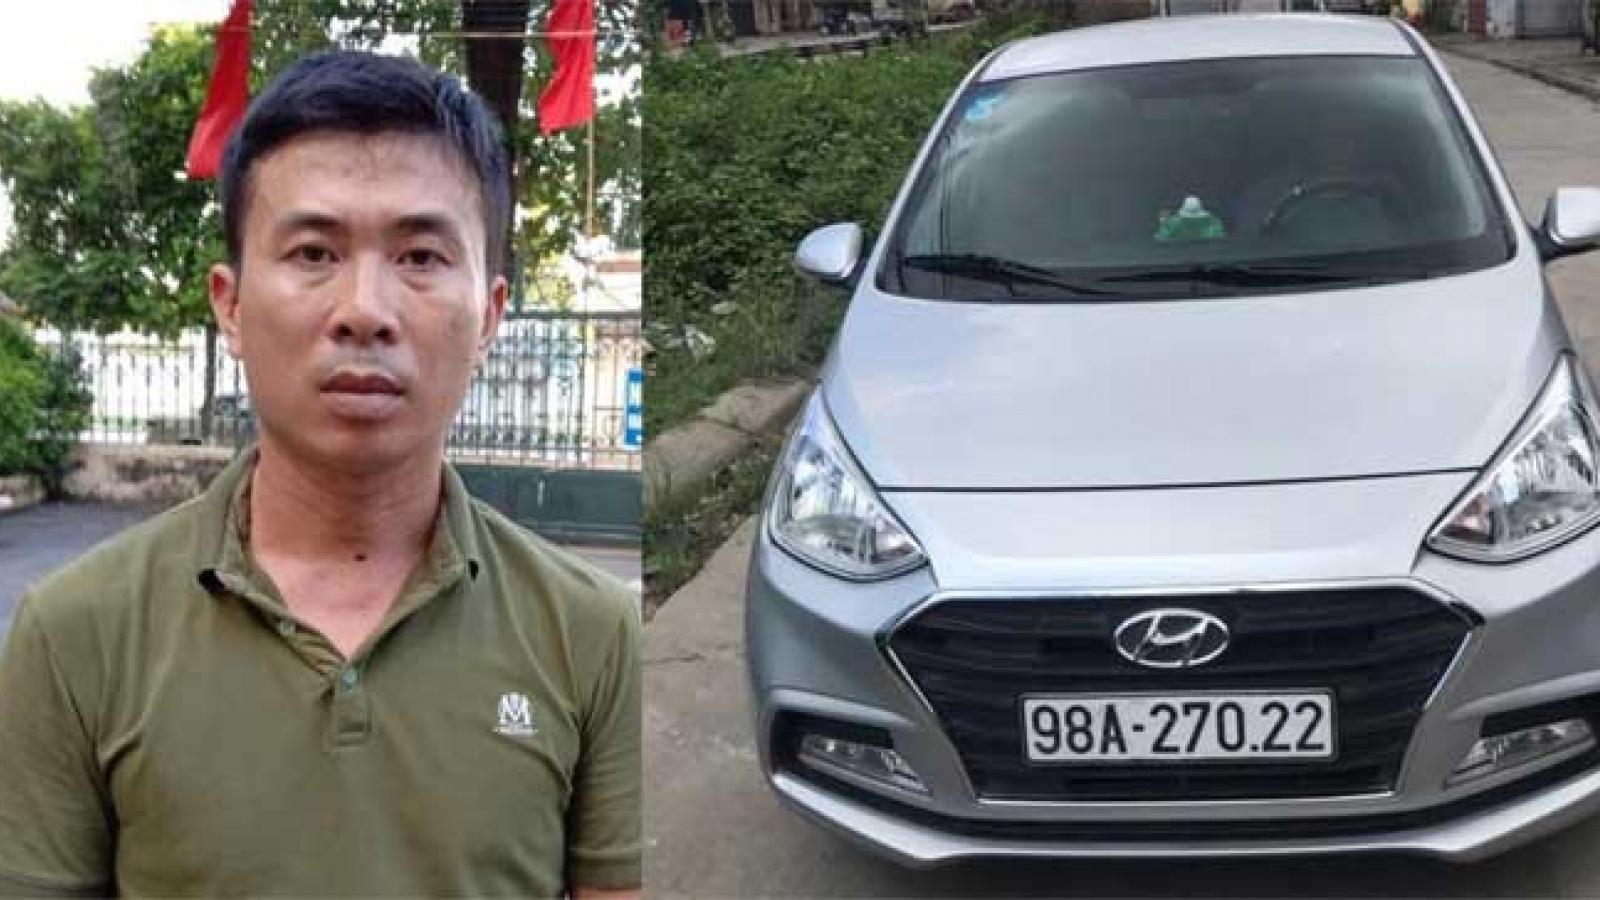 Tài xế cố tình lao ô tô khiến Trung úy CSGT bị thương